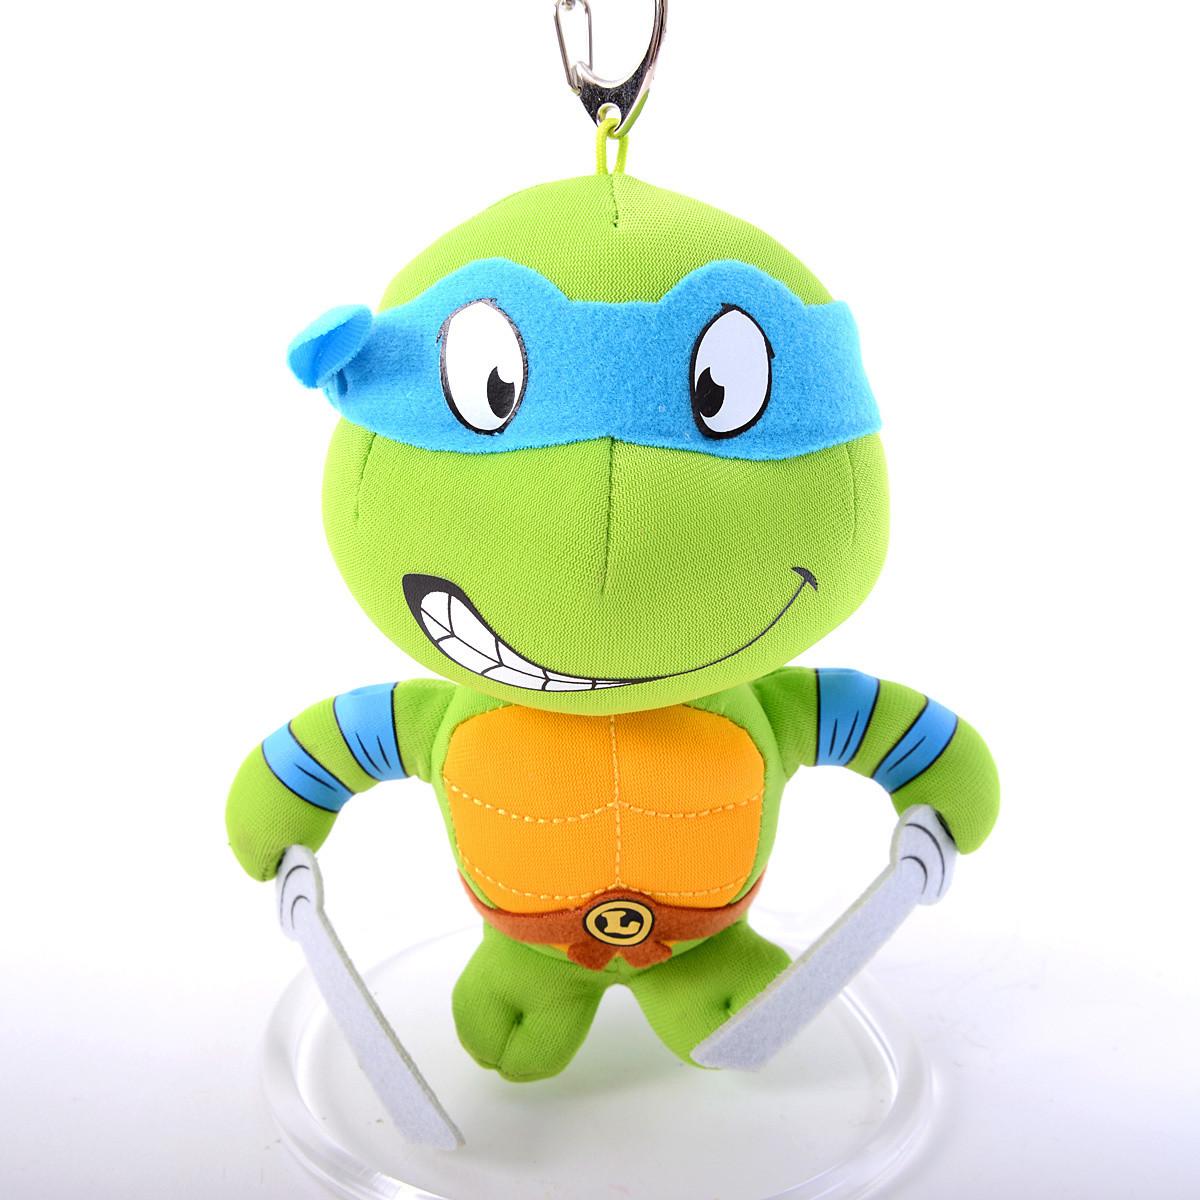 Teenage Mutant Ninja Turtles 5 5 Leonardo Keychain Plush